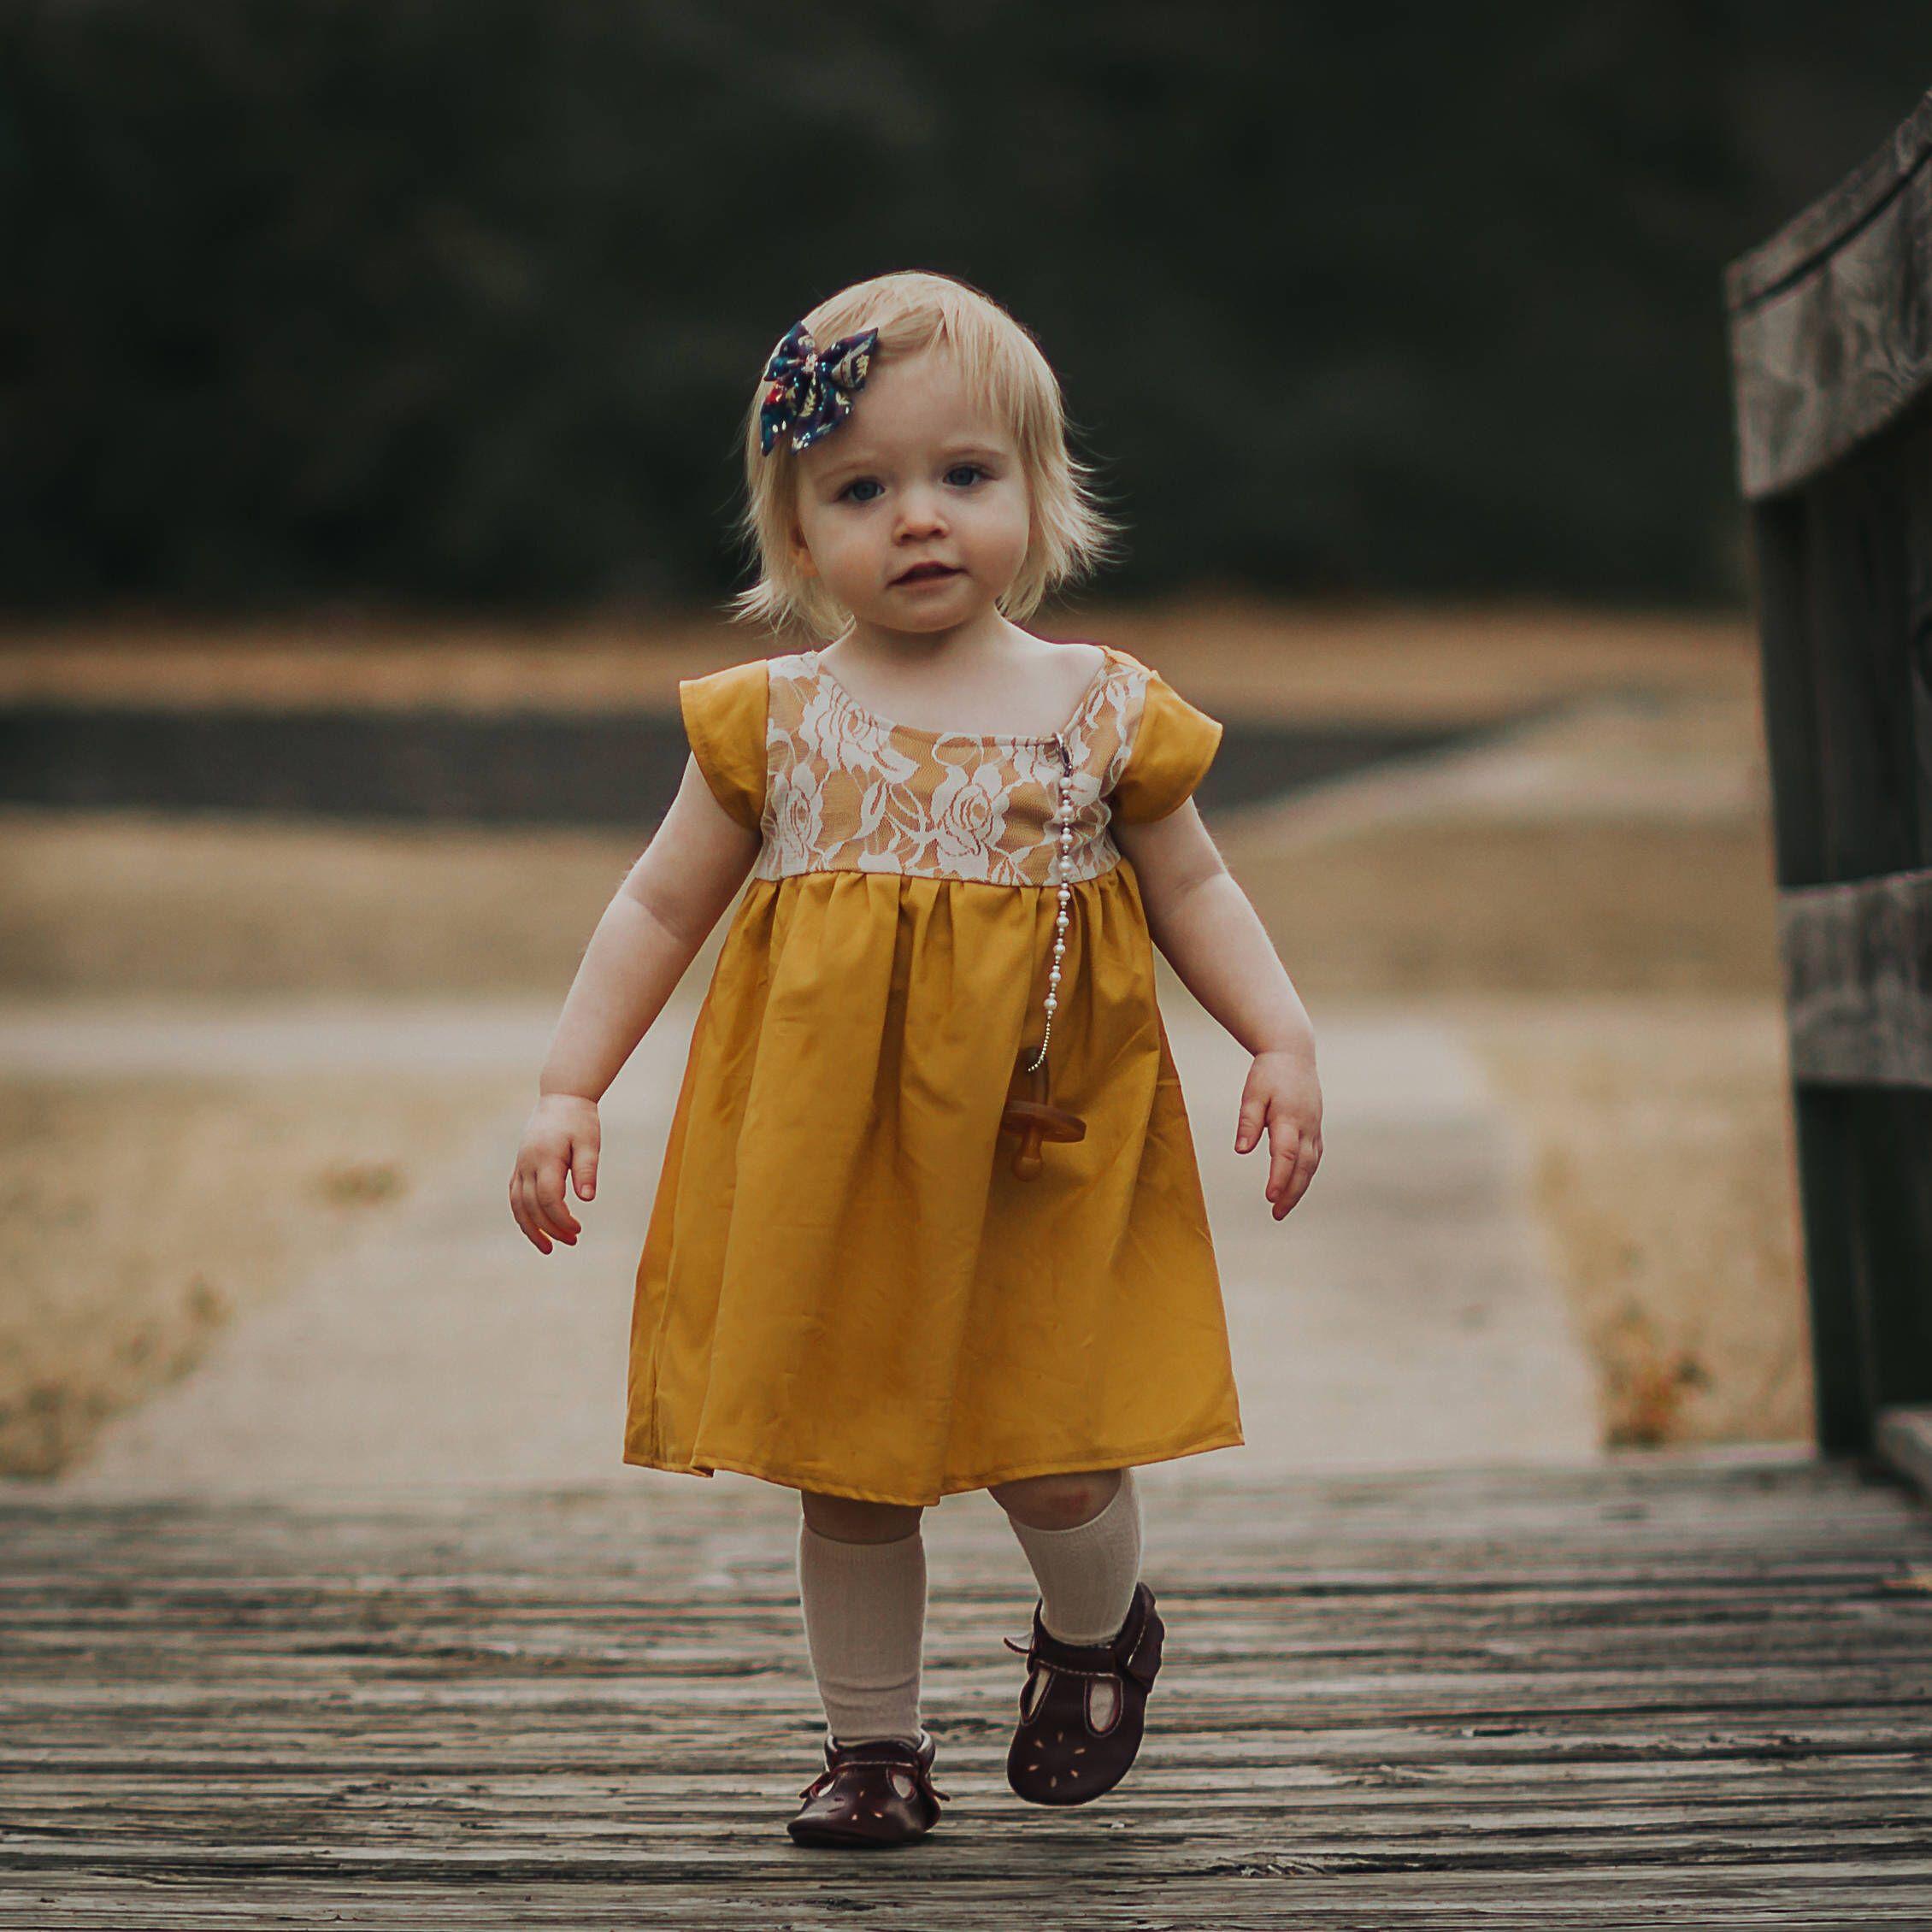 Girls Dresses Baby Dress Easter Dress Toddler Dressspring Outfit